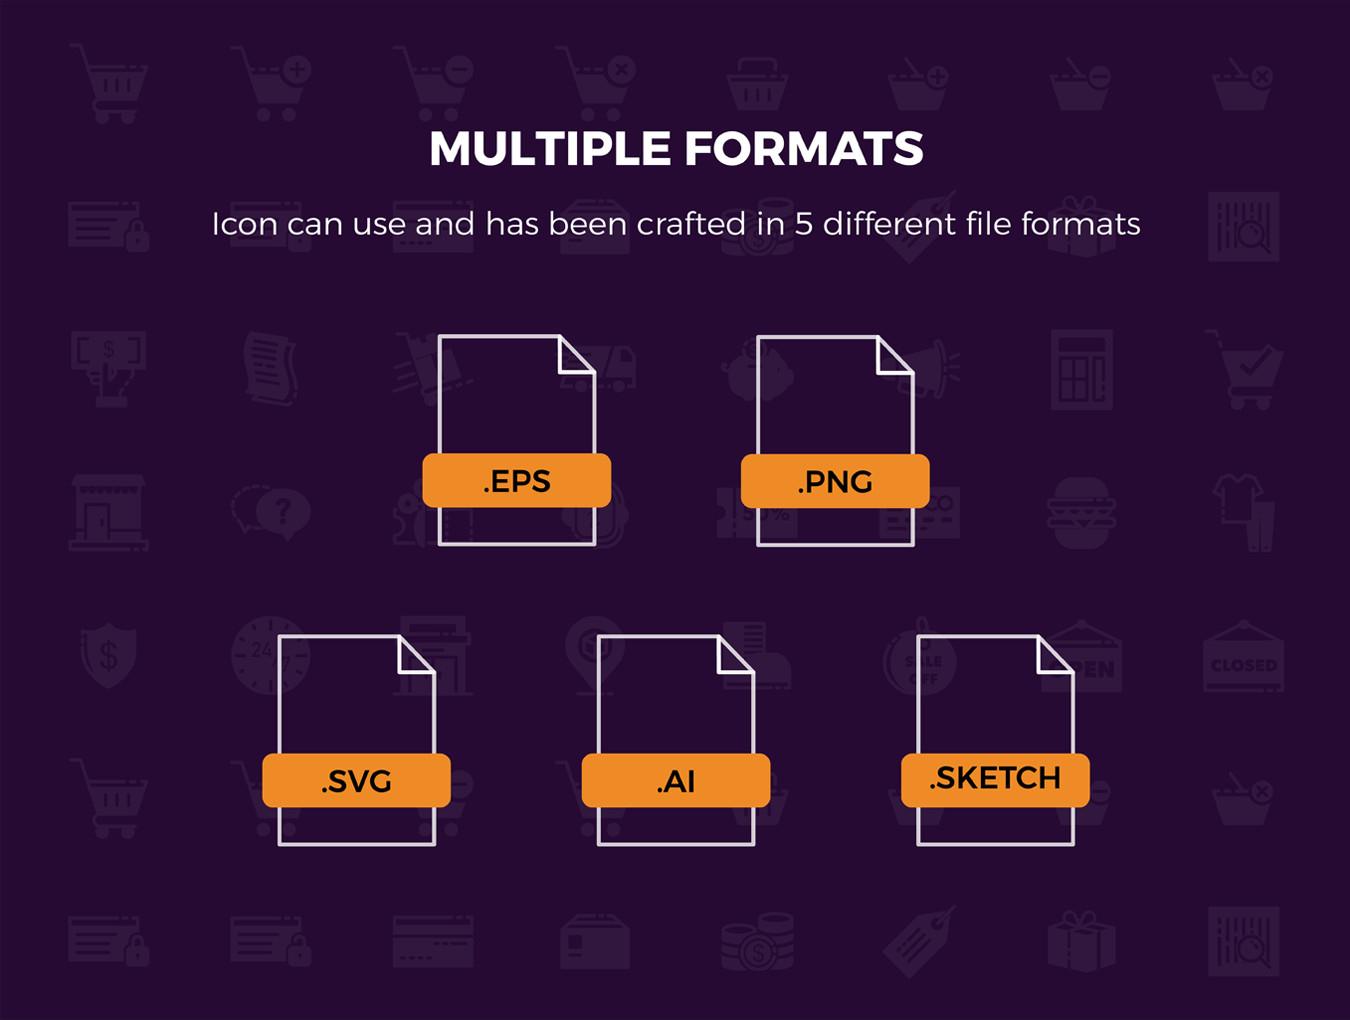 多种格式的Picas电子商务ICON图标集.Ai, Sketch, SVG, EPS, PNG 图标-第8张